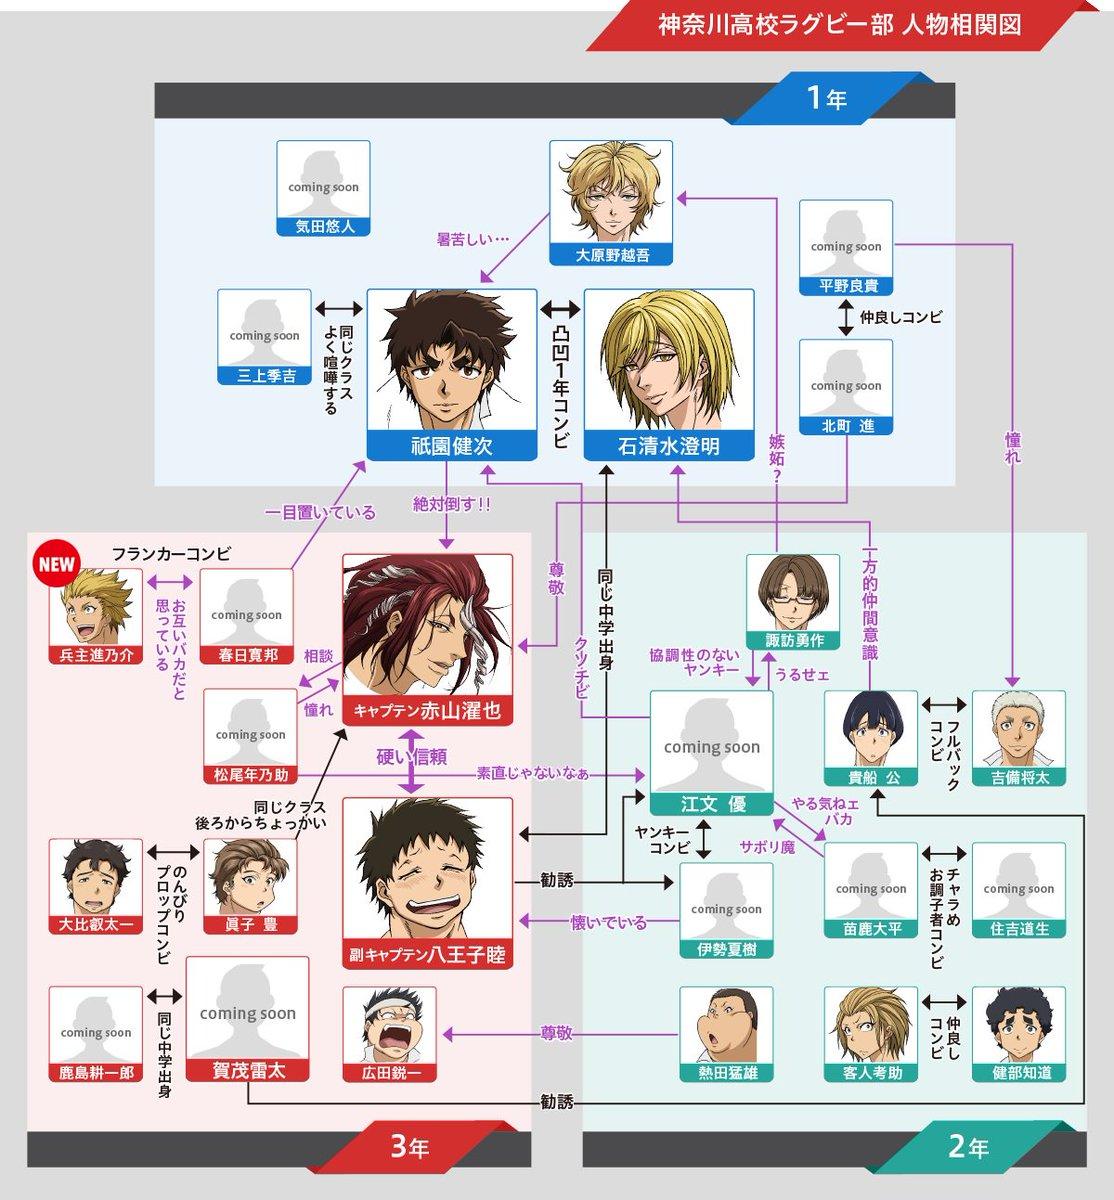 【神高メンバー連日発表企画進行中!!】本日までに15名のキャラクターを発表し、あっという間ですが残り半分を切りました。3